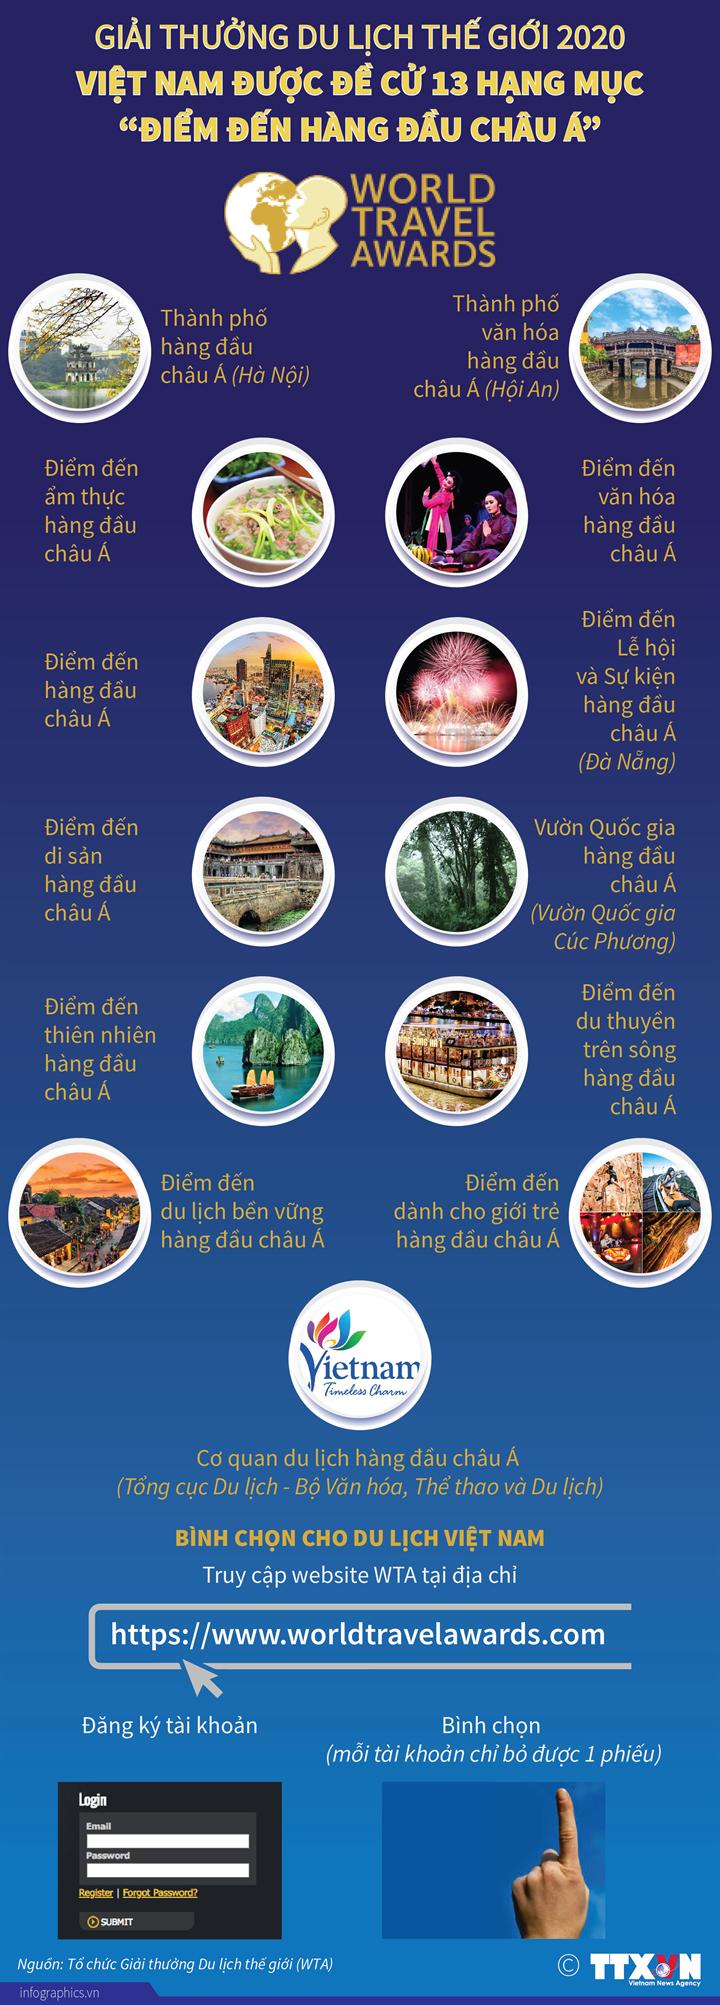 """Giải thưởng Du lịch thế giới 2020: Việt Nam được đề cử 13 hạng mục """"Điểm đến hàng đầu châu Á"""""""